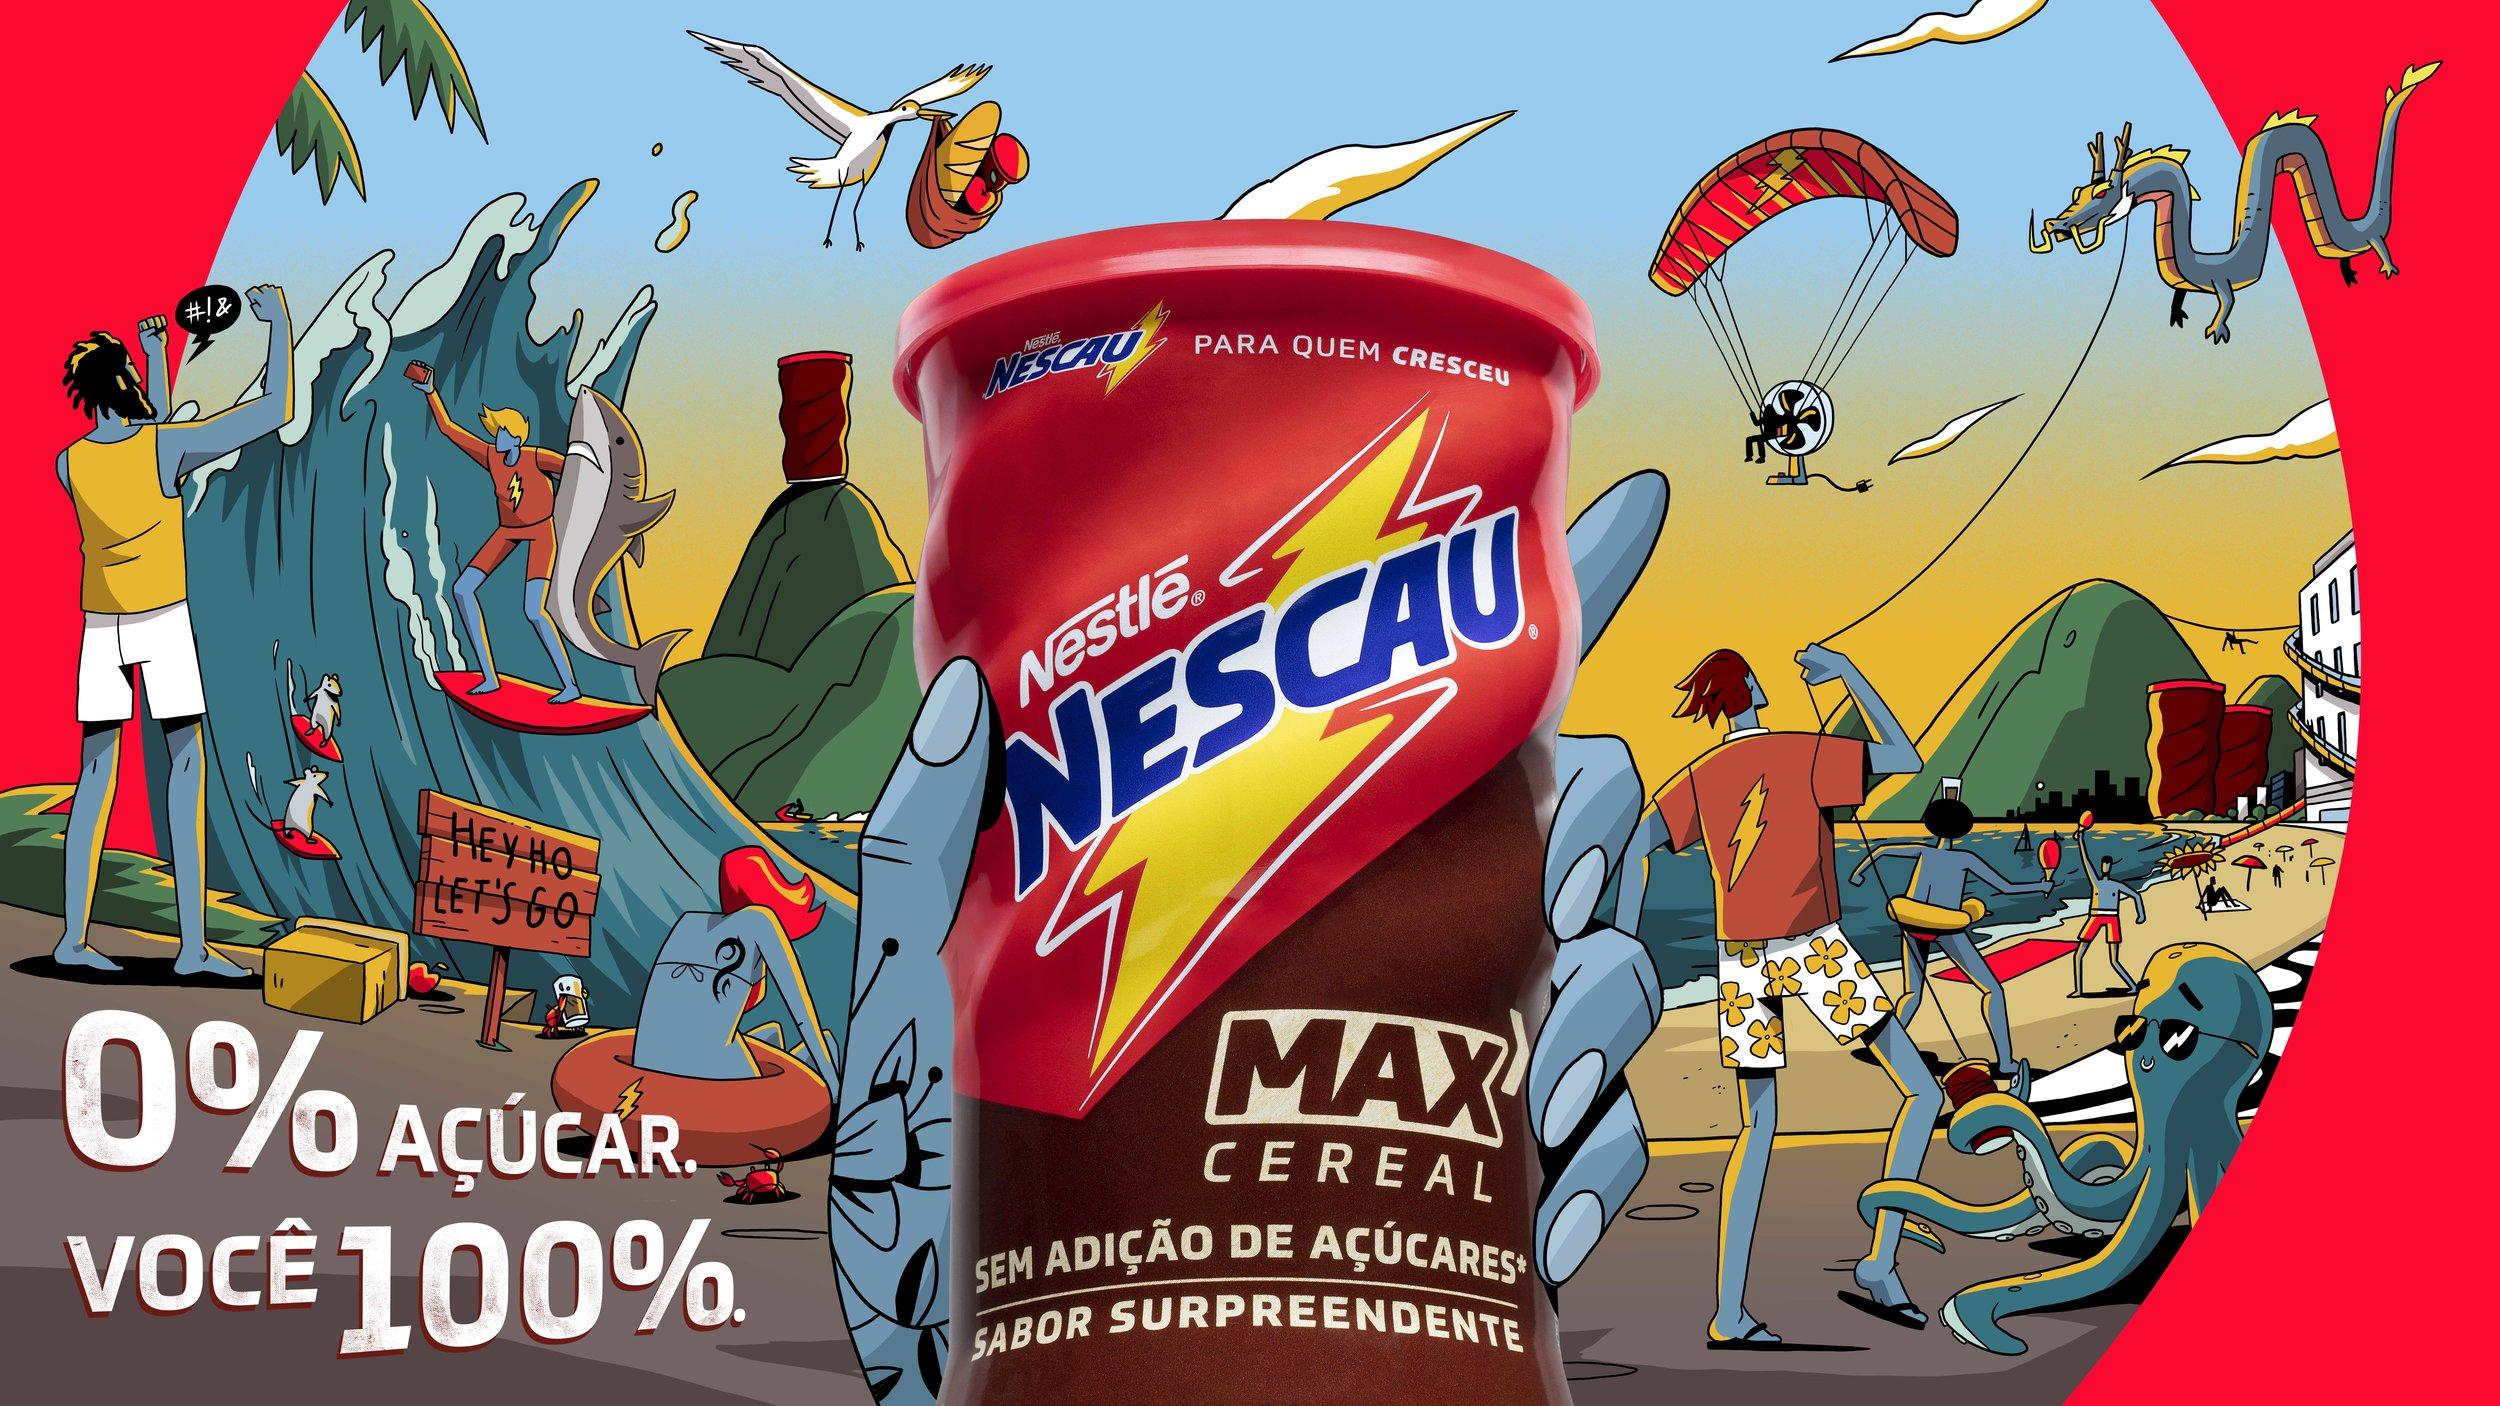 NESCAU_MAX_RJ.jpg